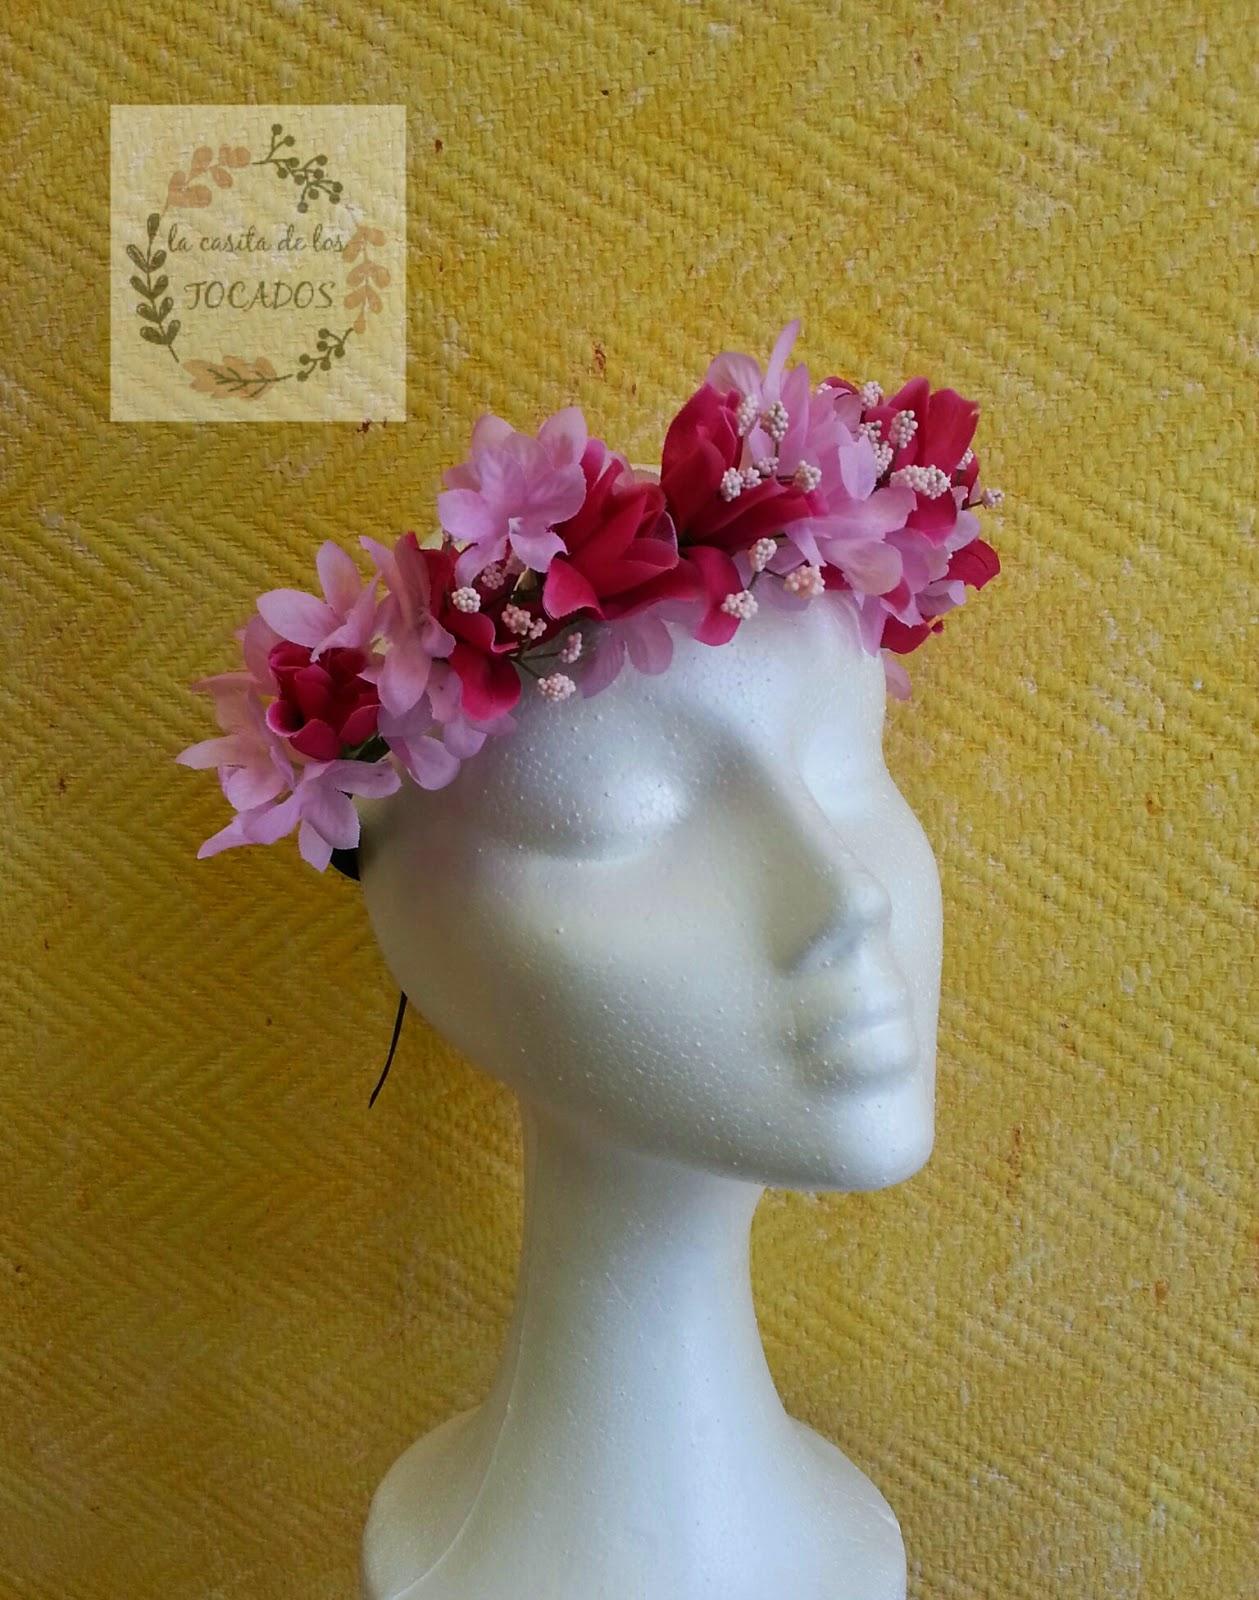 tiara de flores rosas para atar ideal para boda o evento de fiesta informal